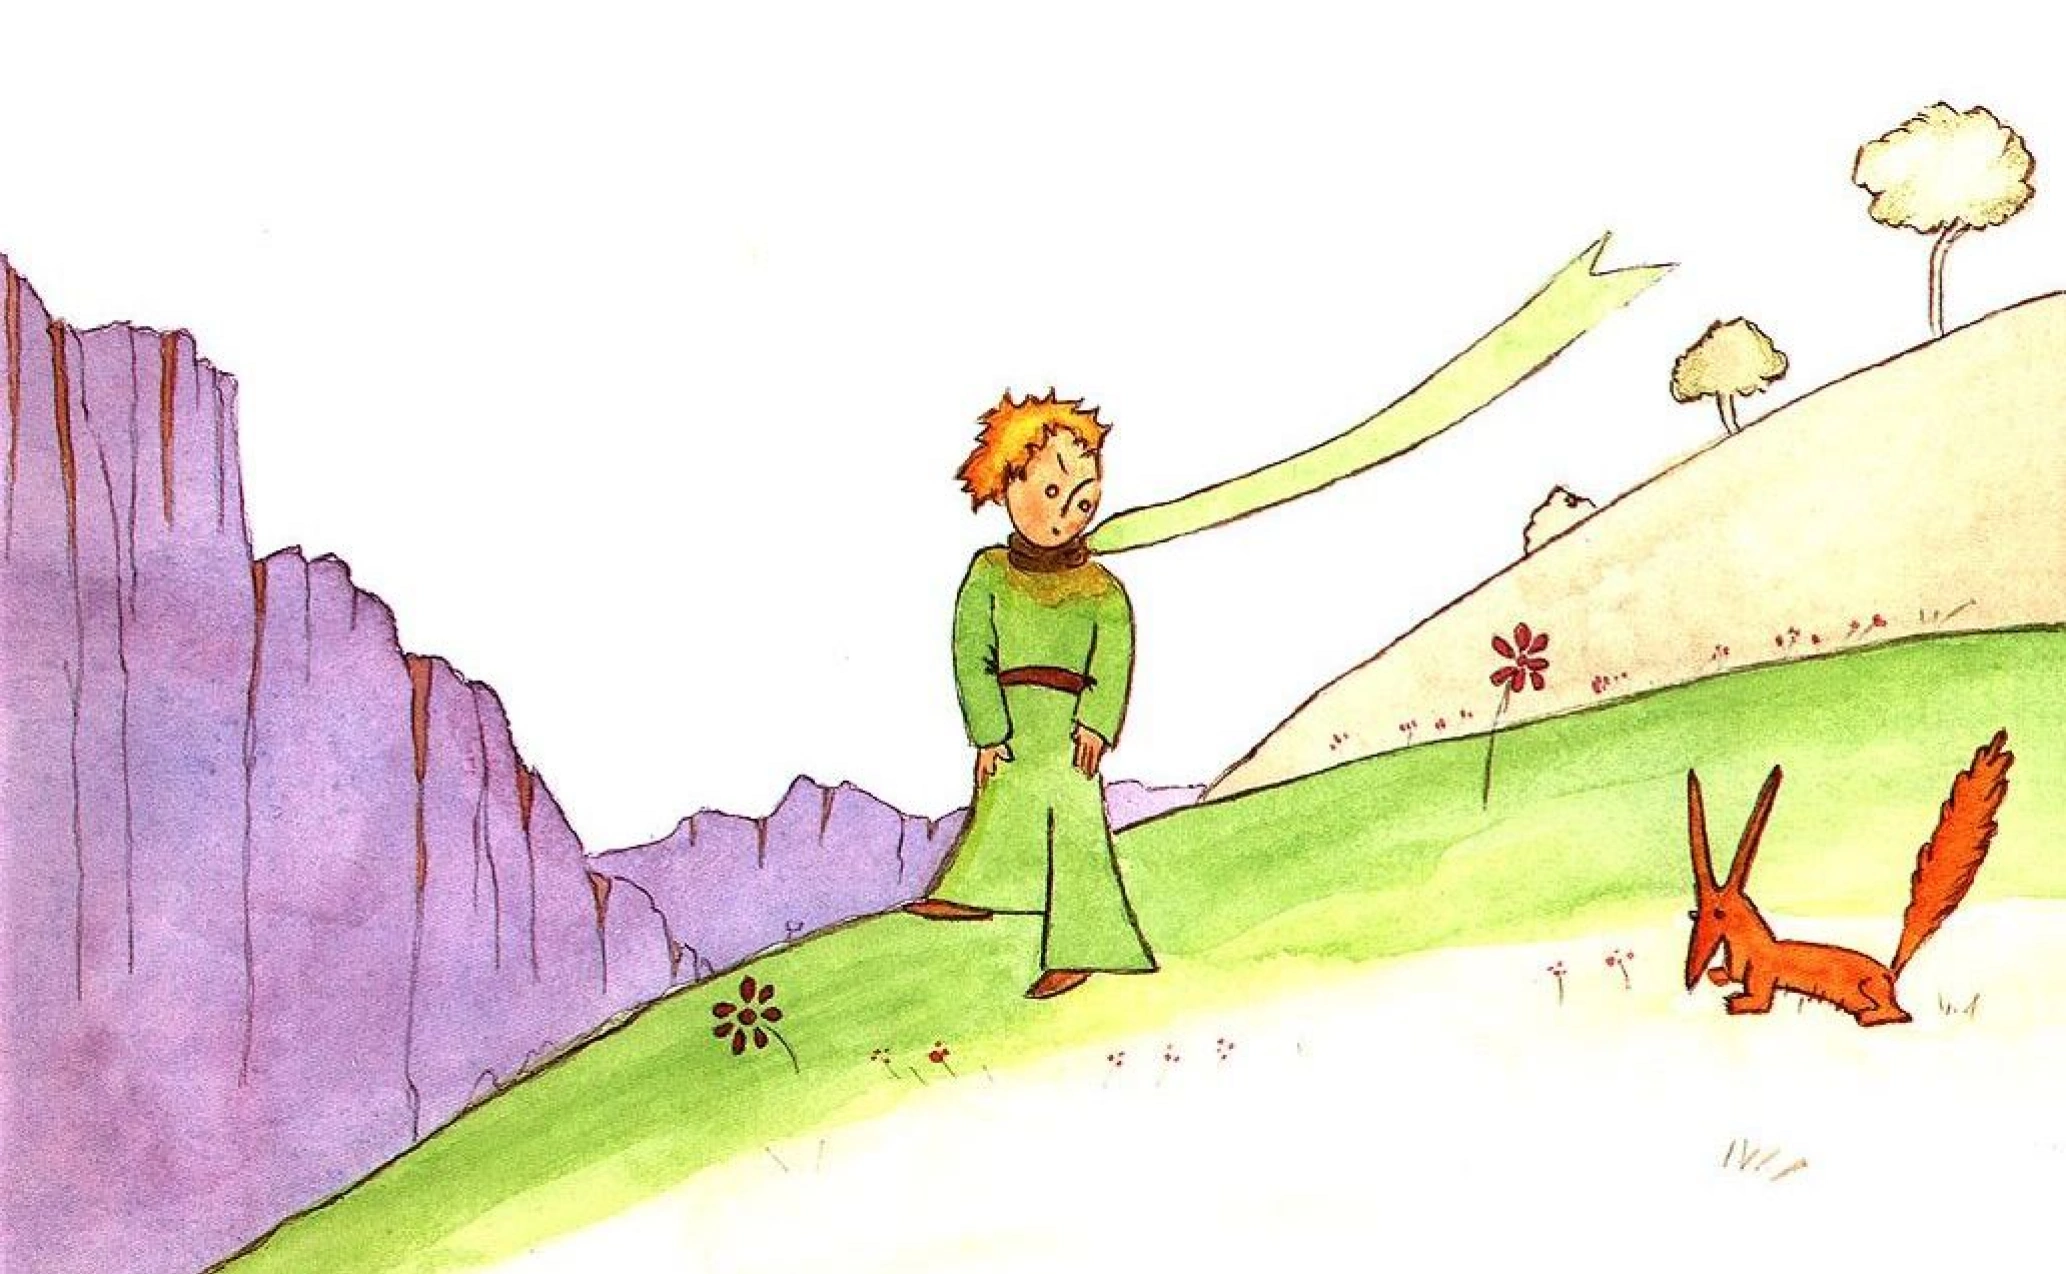 Лис с очень длинными ушами (рисунок Антуана де Сент-Экзюпери)